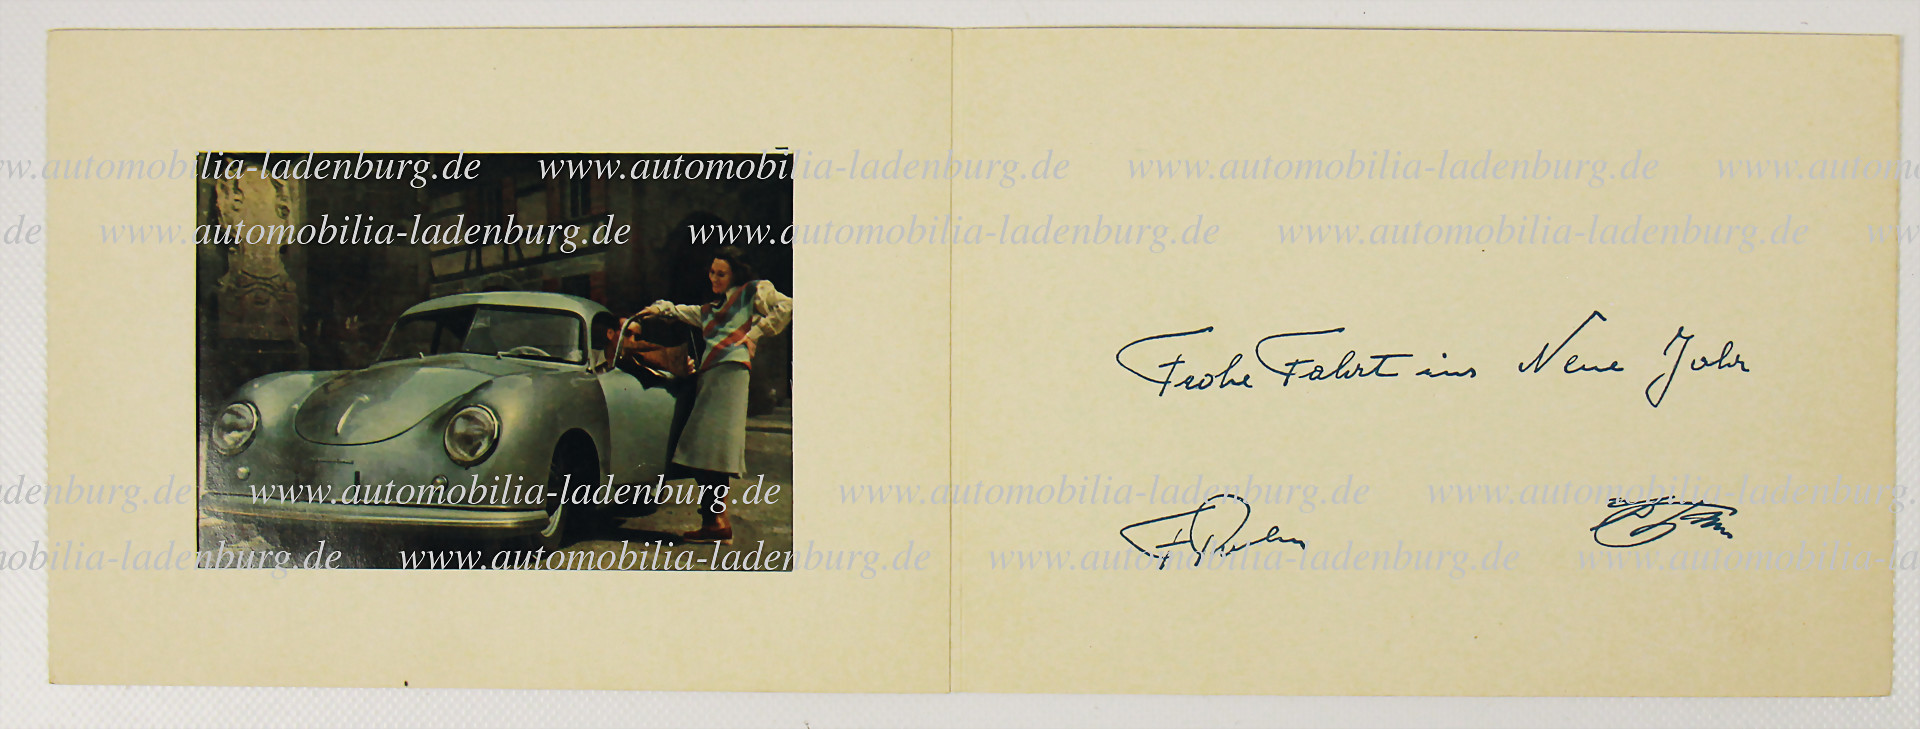 original Weihnachtskarte Porsche 'Frohe Fahrt ins neue Jahr' - Zuschlag 15.000 €